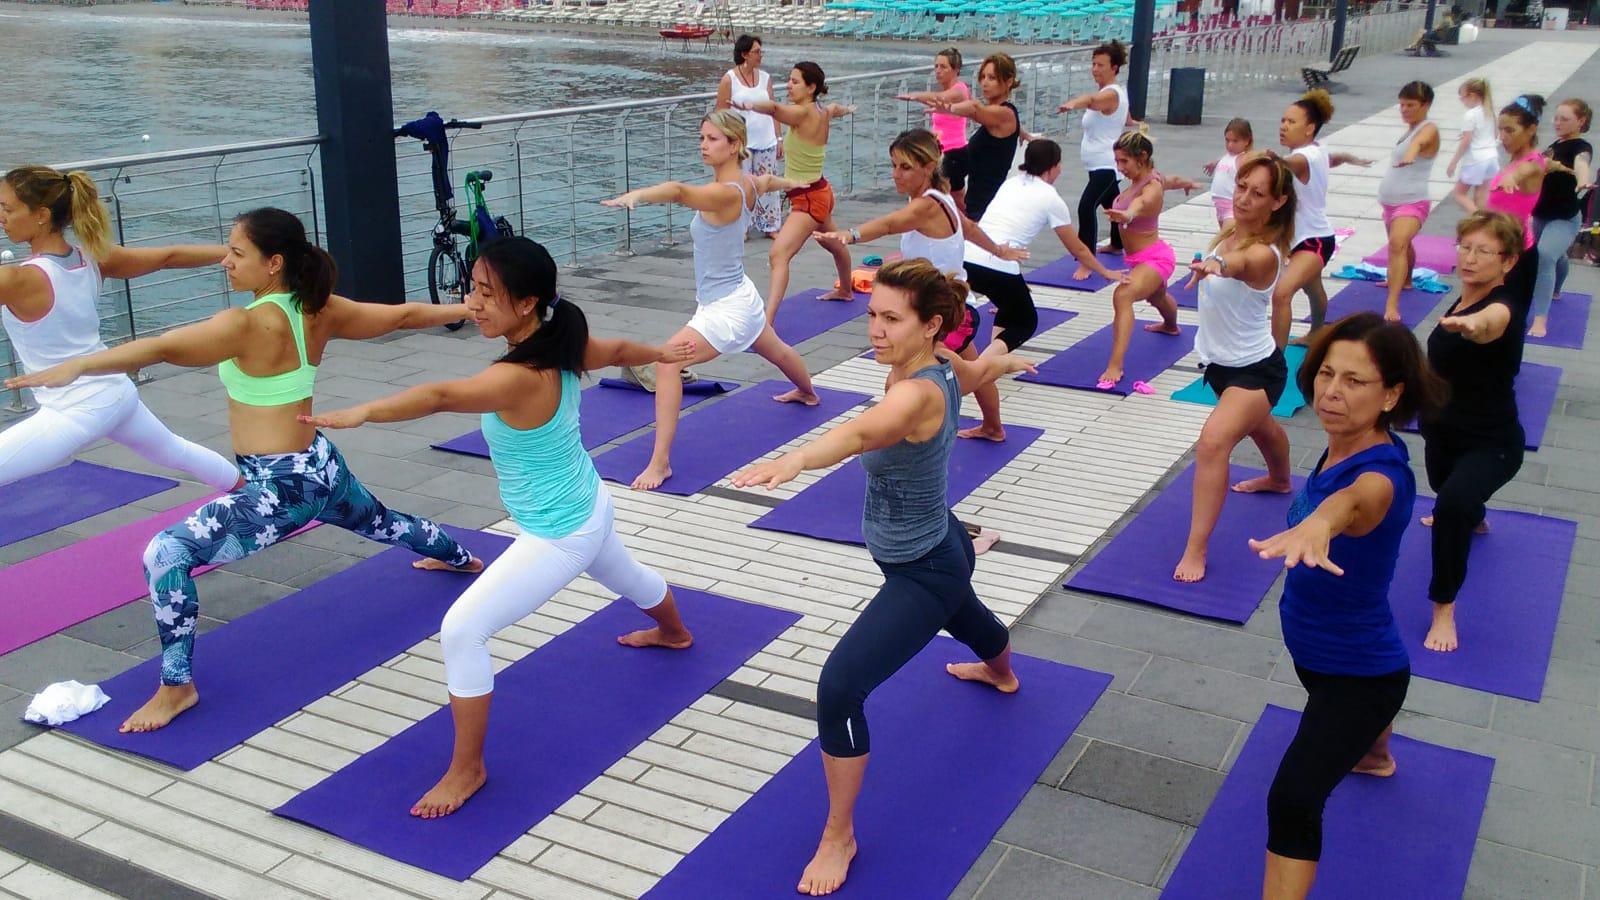 essere-free-yoga-gratuito-benessere-per-tutti-village-citta-alassio-estate-lucia-ragazzi-summer-town-wellness-085